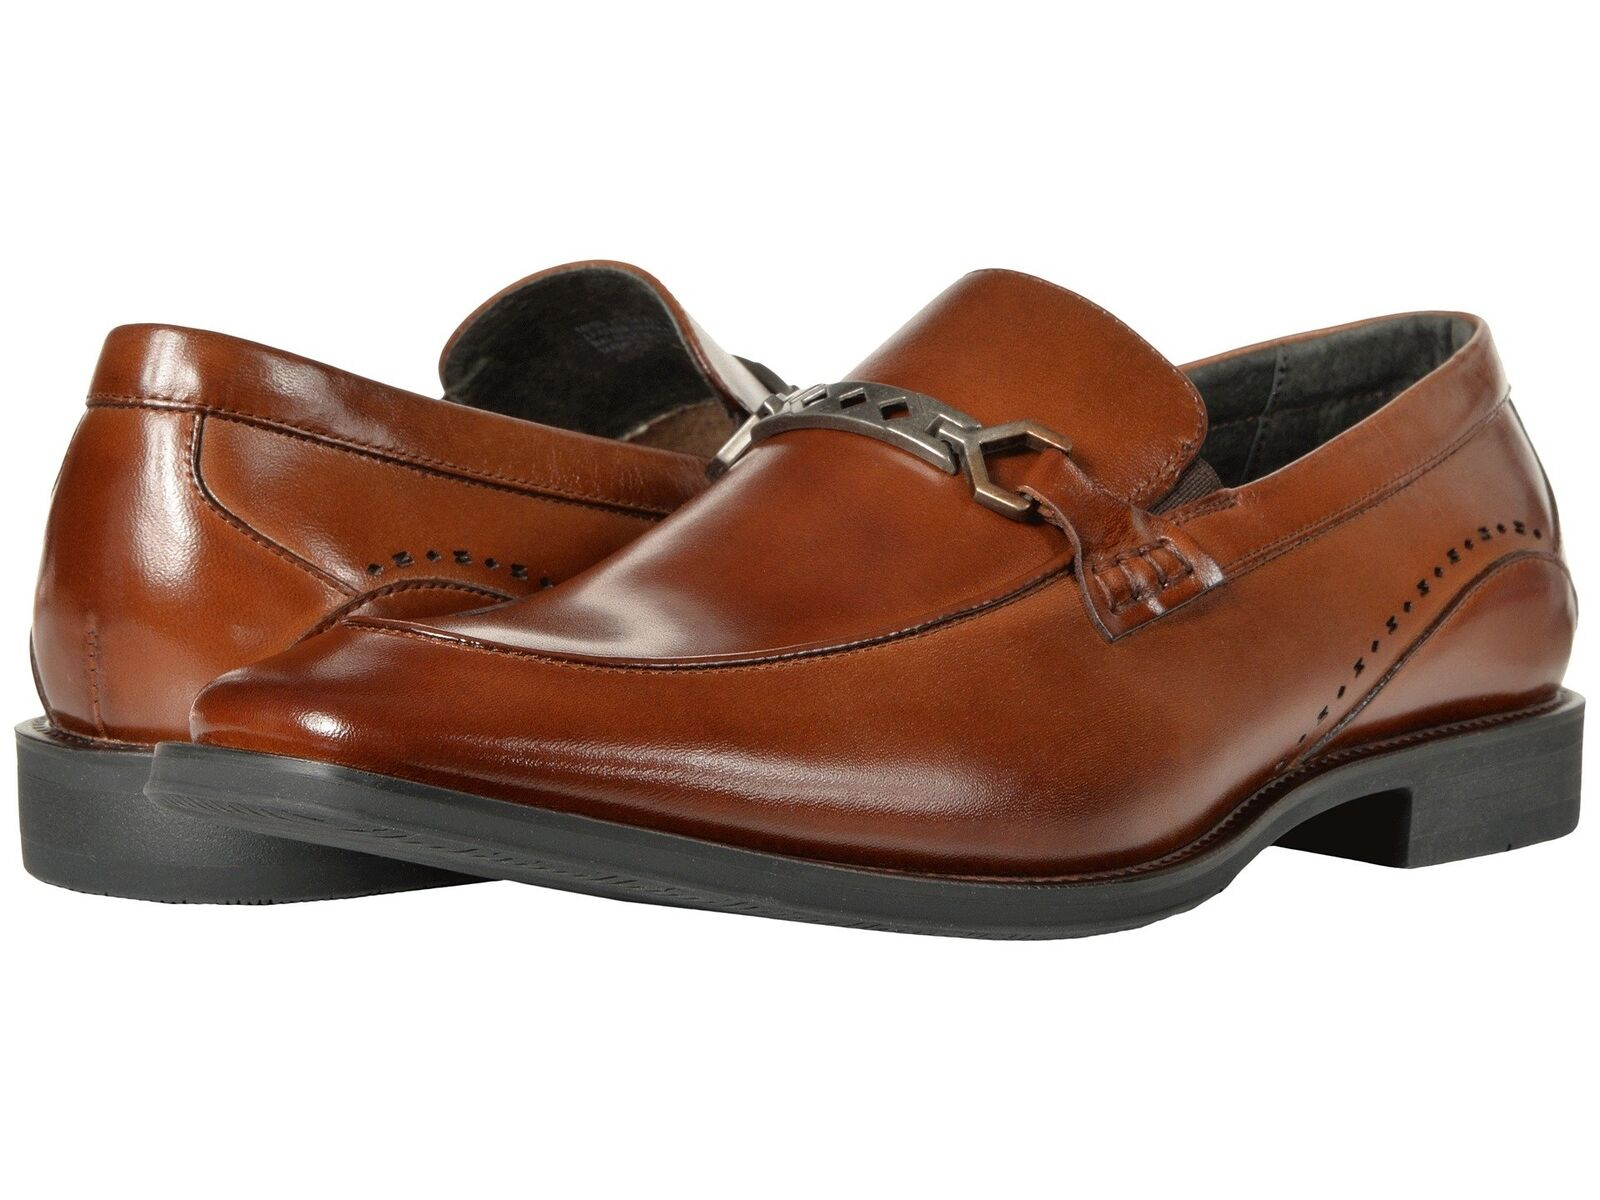 Stacy Adams Men/'s Faxon Moc Toe Oxford Cognac Leather Dress Shoes 25076-221